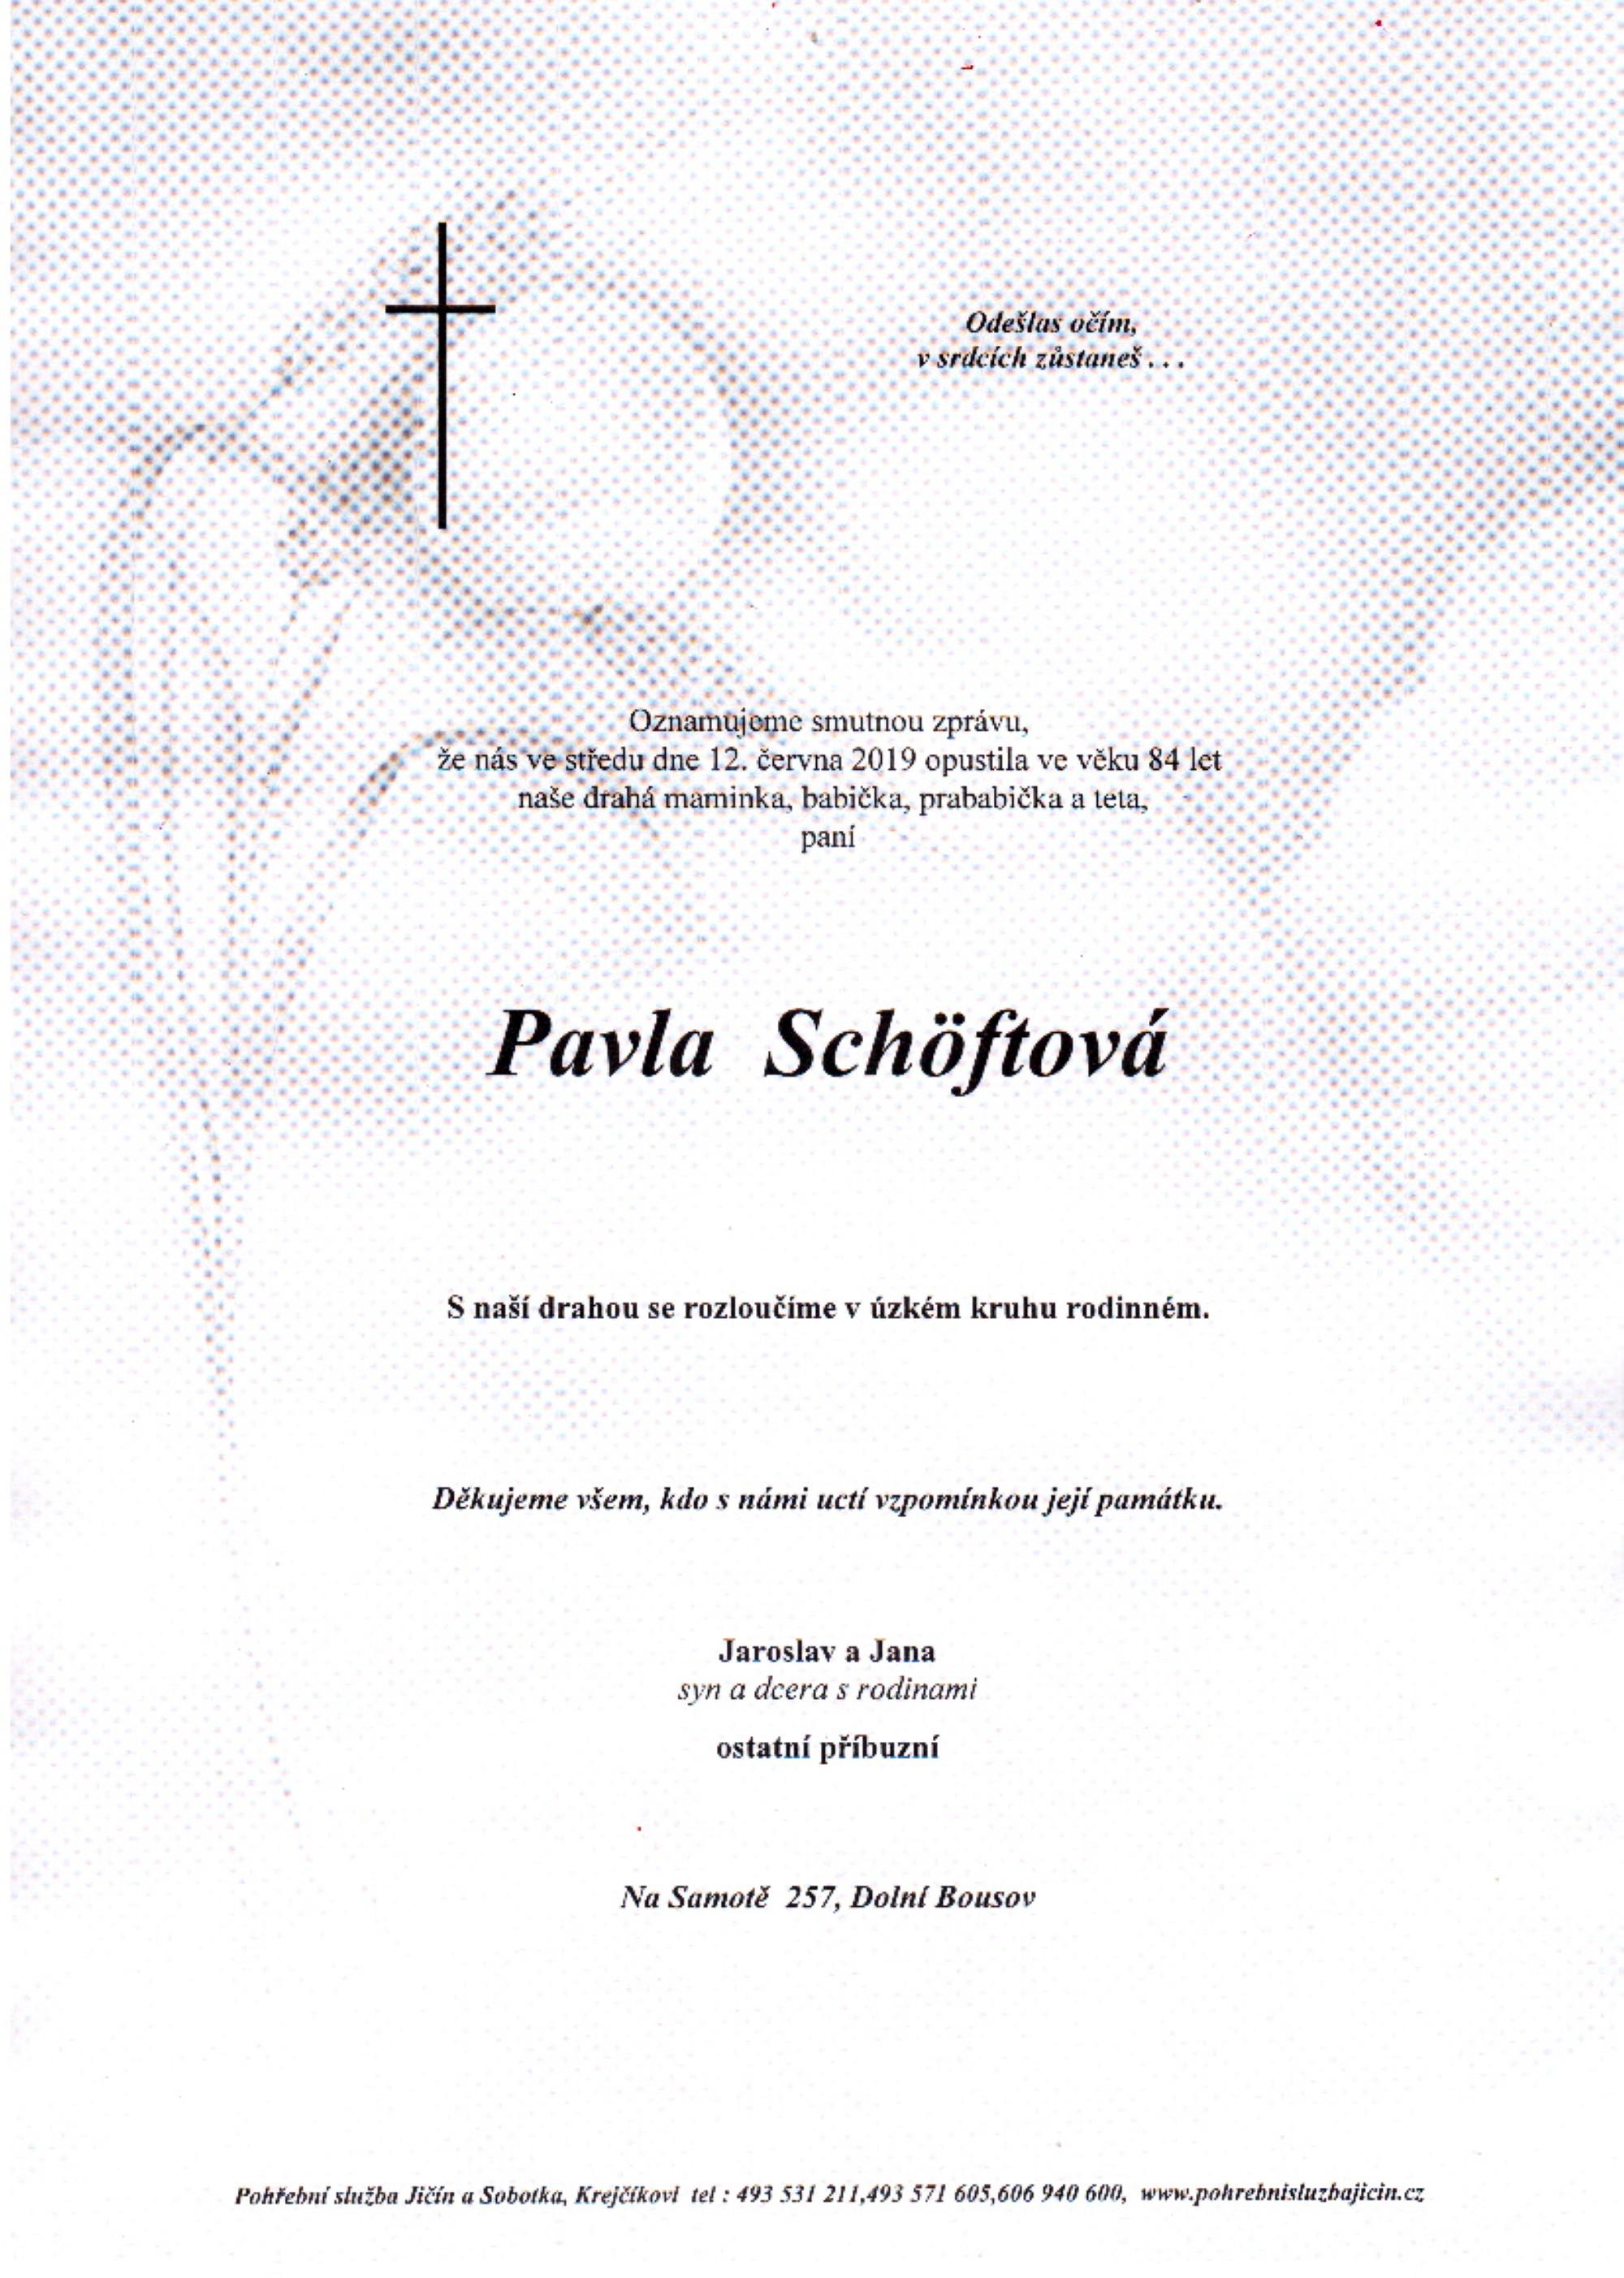 Pavla Schöftová